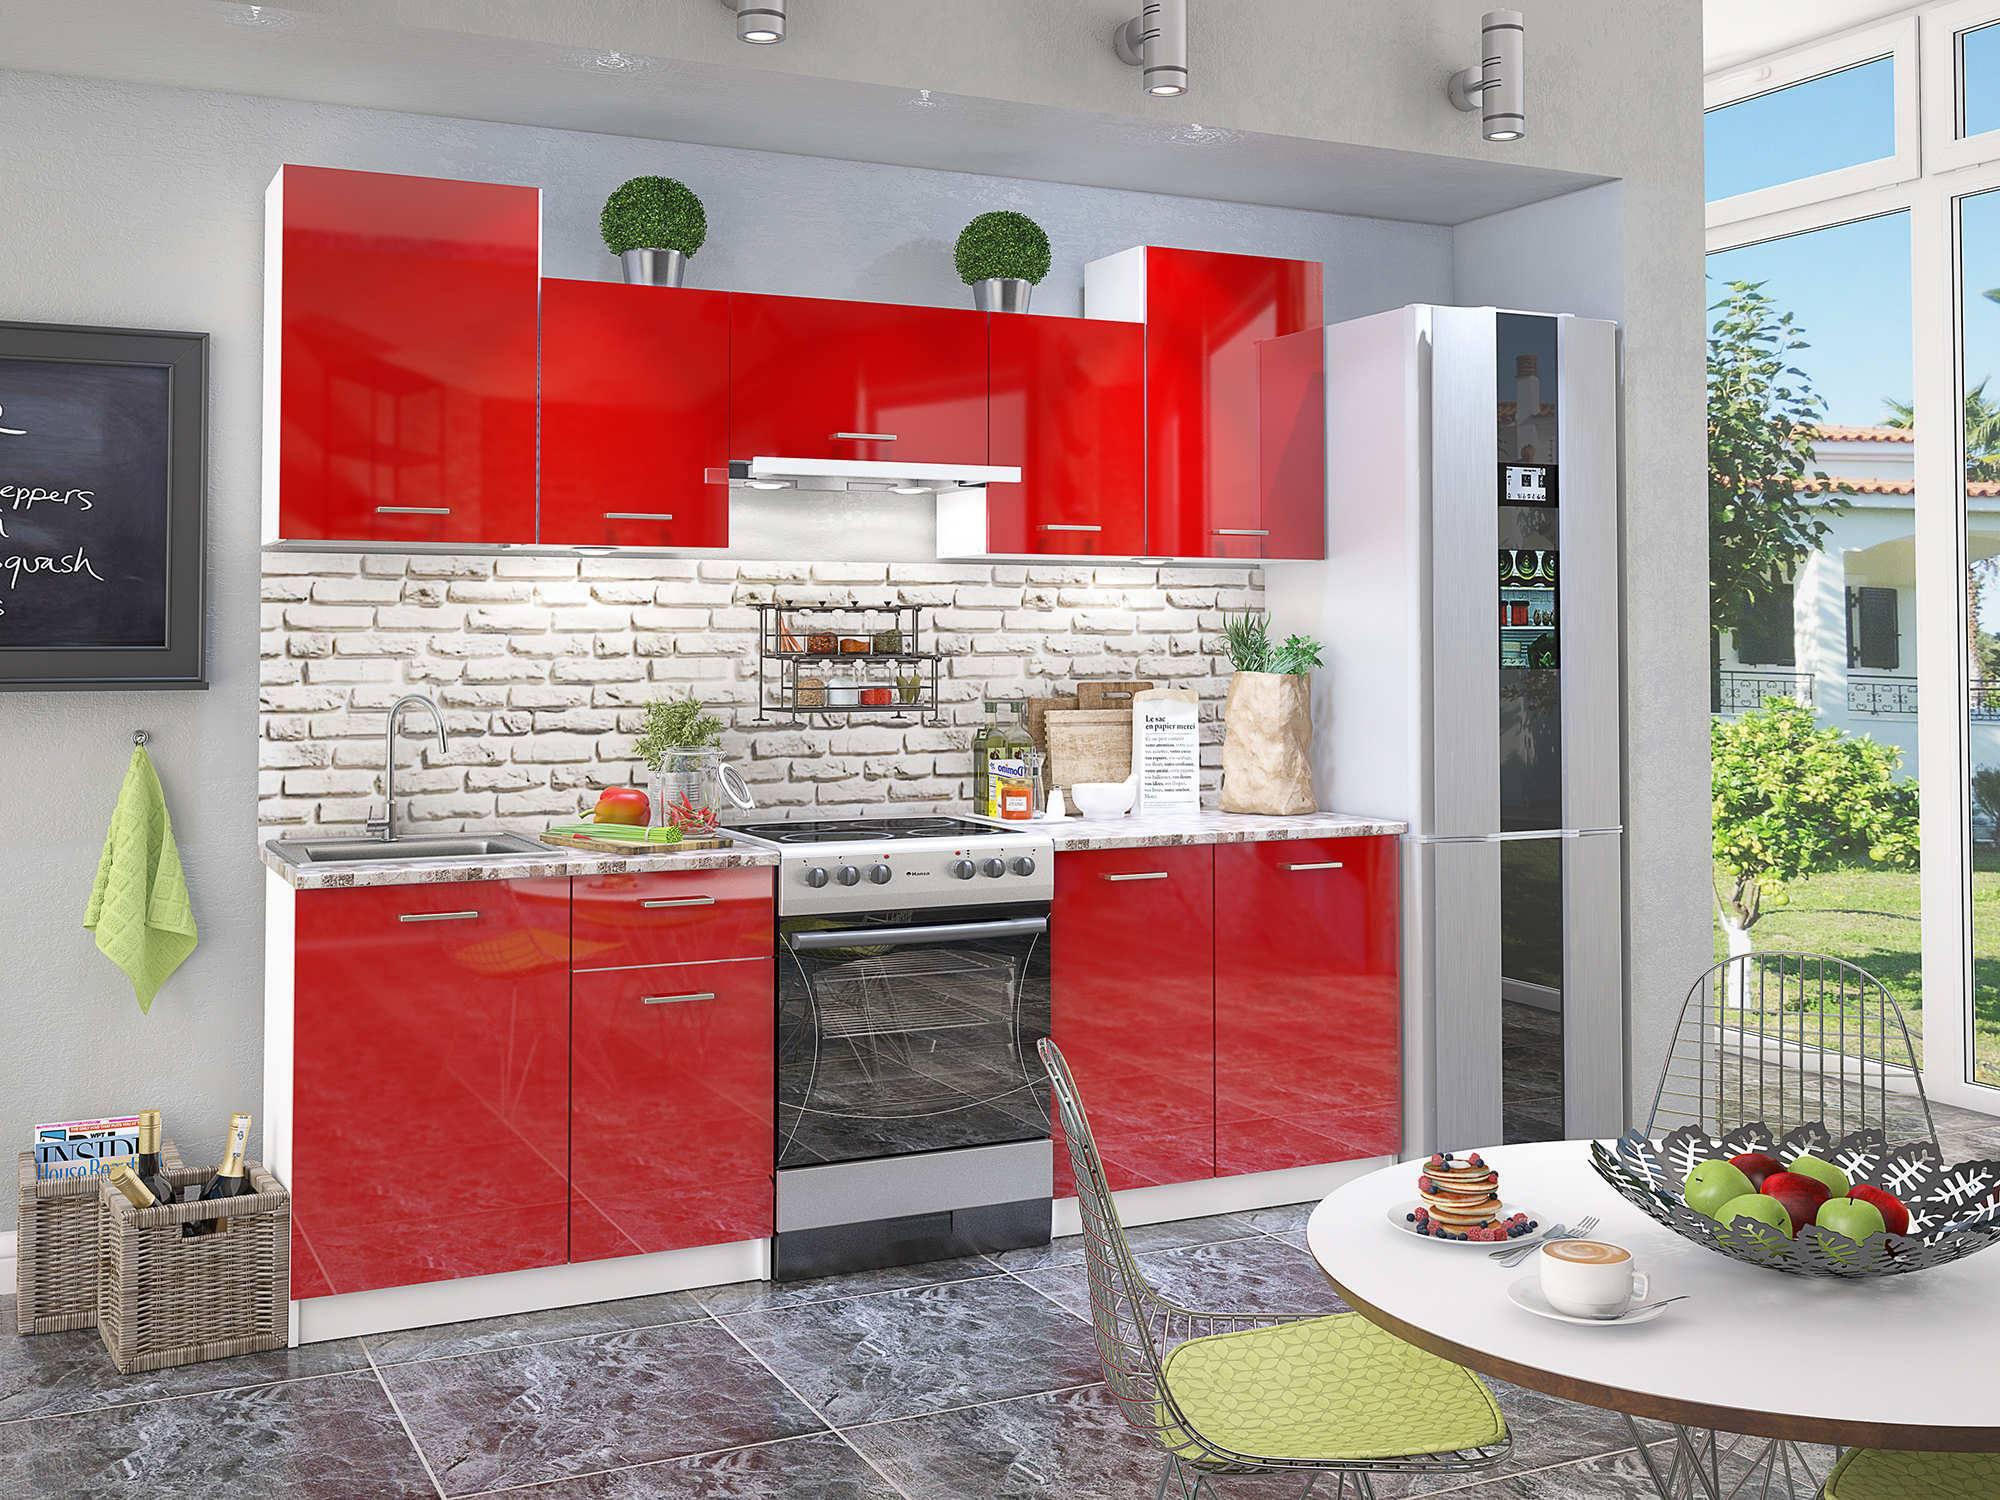 Кухонный гарнитур Бланка Красный глянец, Красный, Белый